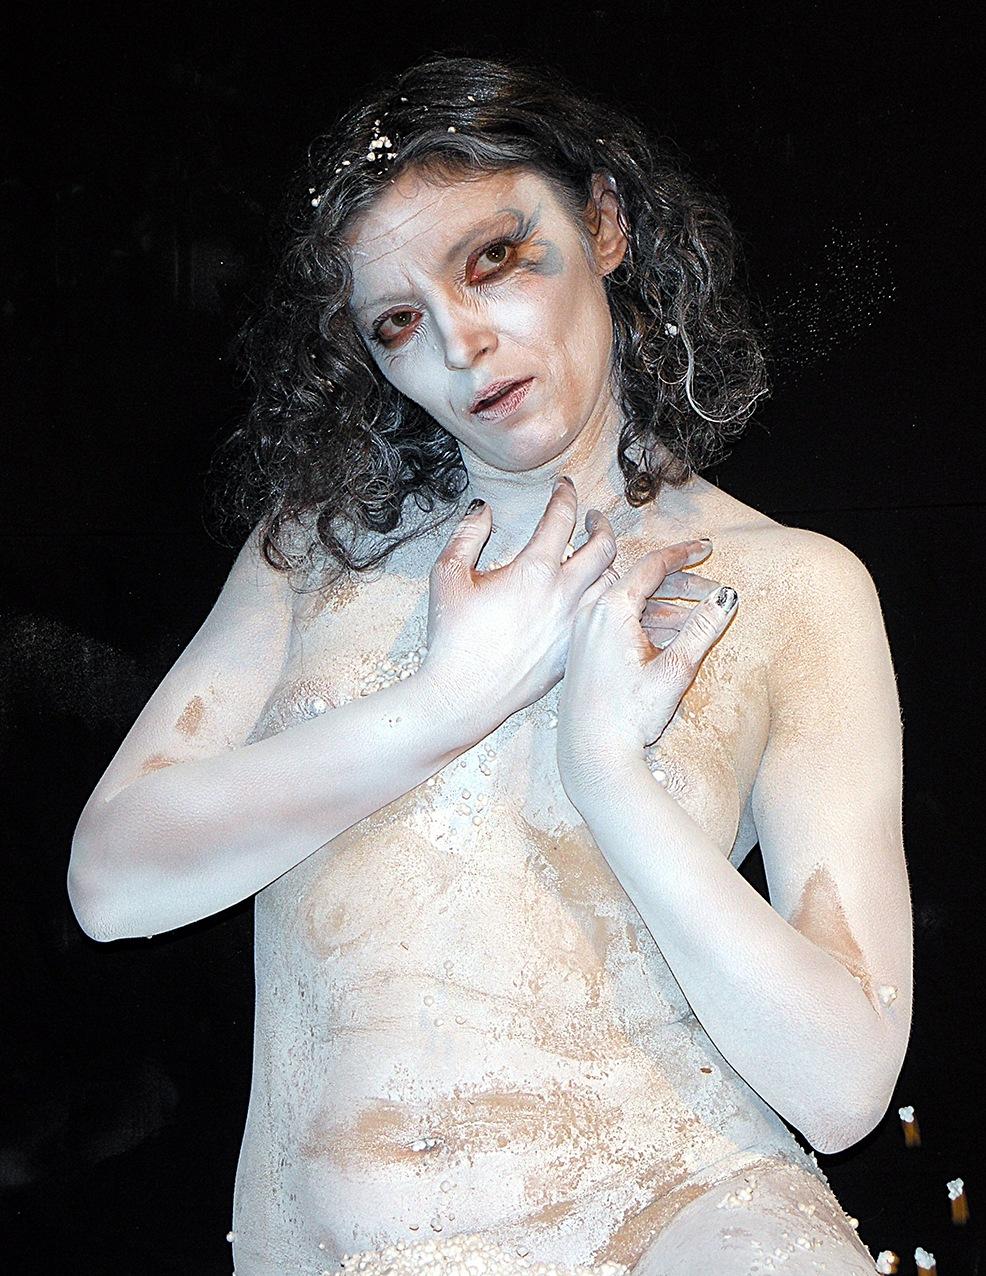 White lady by Hybryds